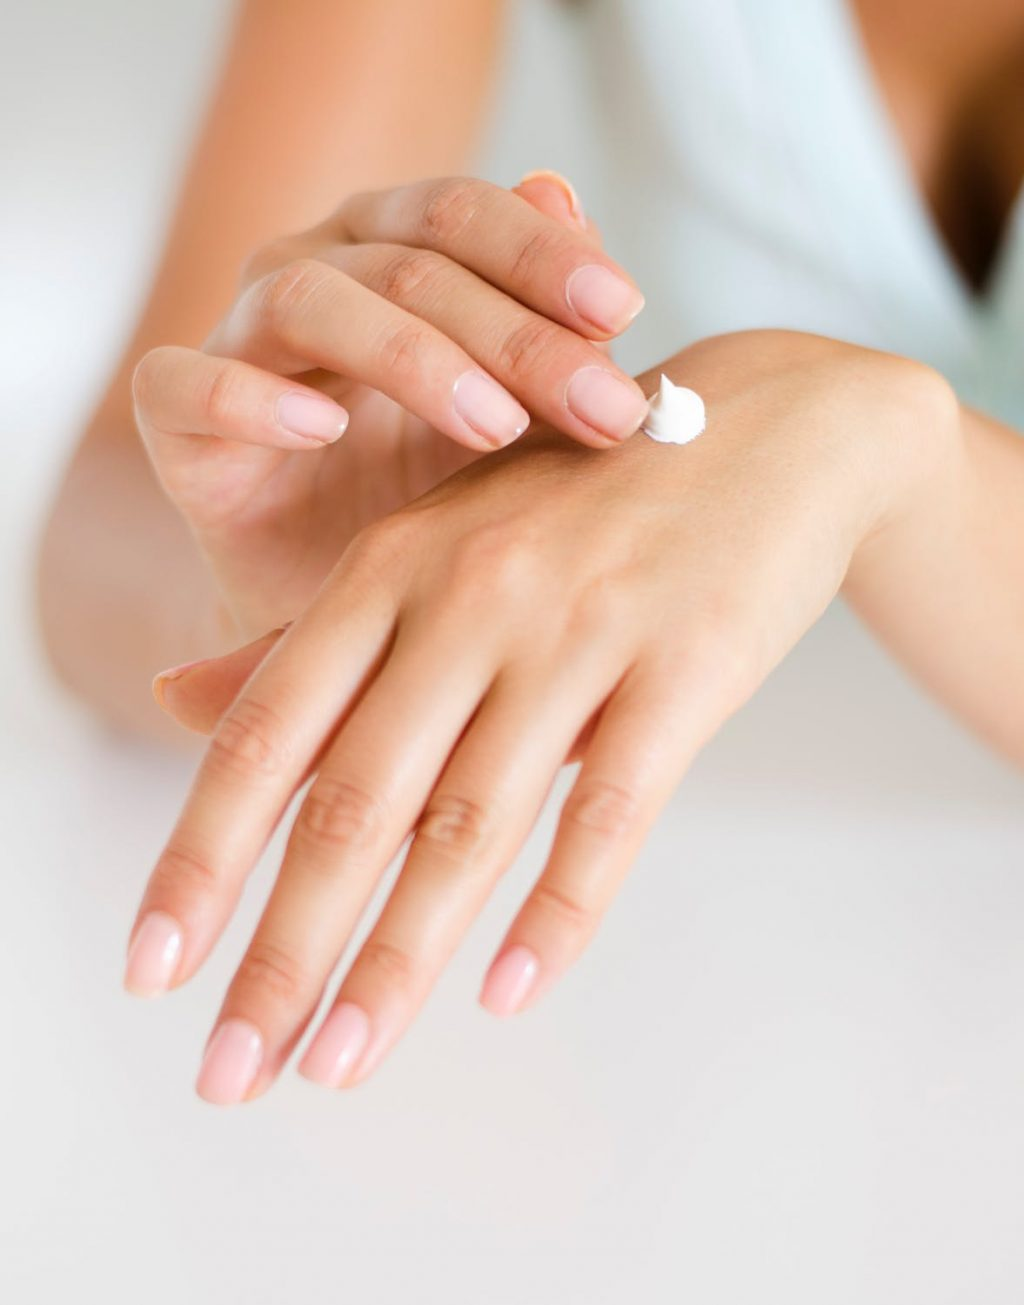 thường xuyên dùng các sản phẩm dưỡng ẩm hằng ngày để bảo vệ da